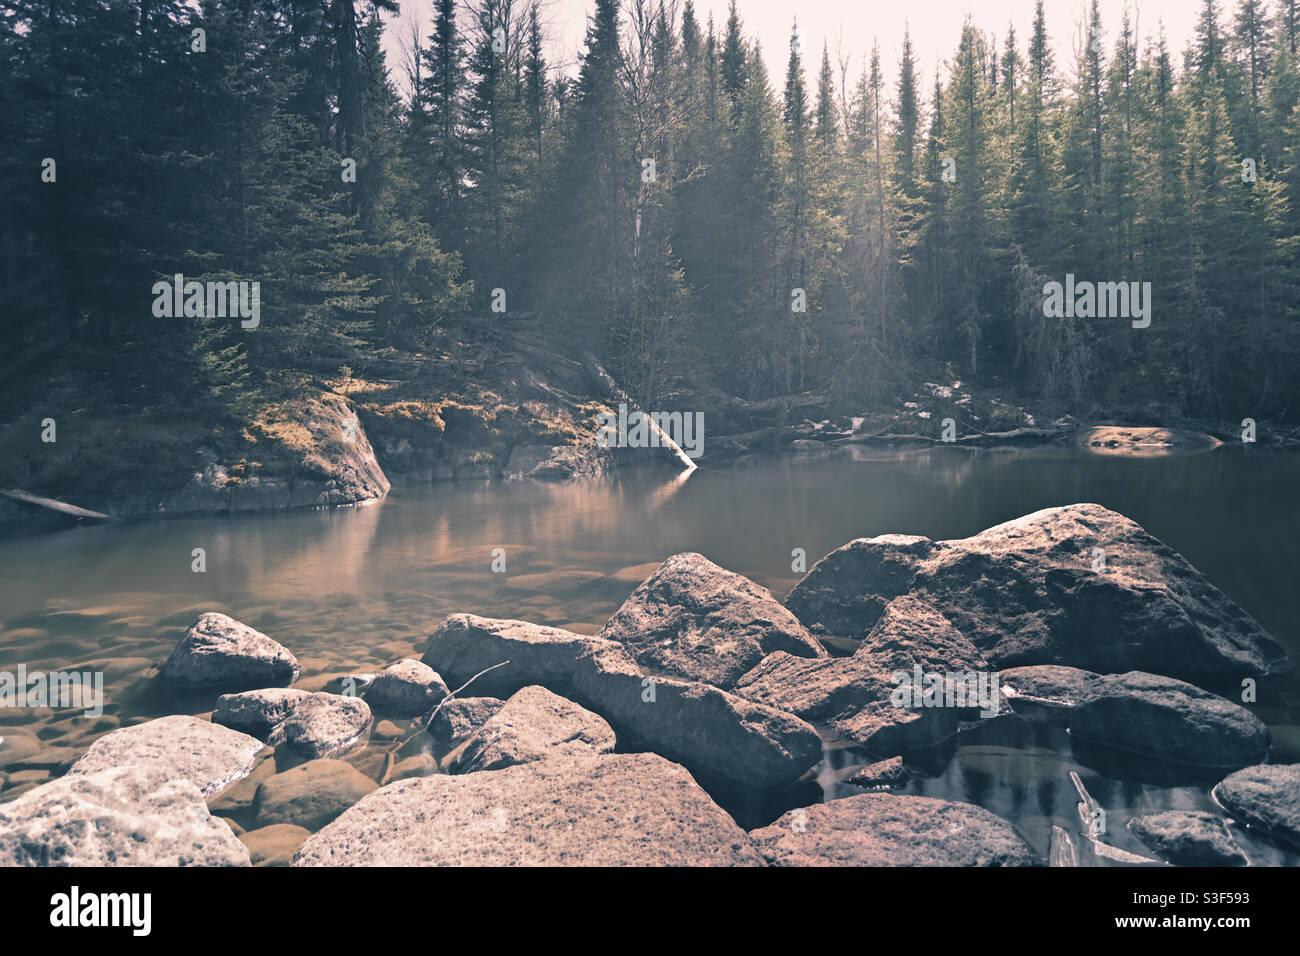 Ein friedlicher Ort zum Sitzen und zum Nachdenken über die Welt Stockfoto